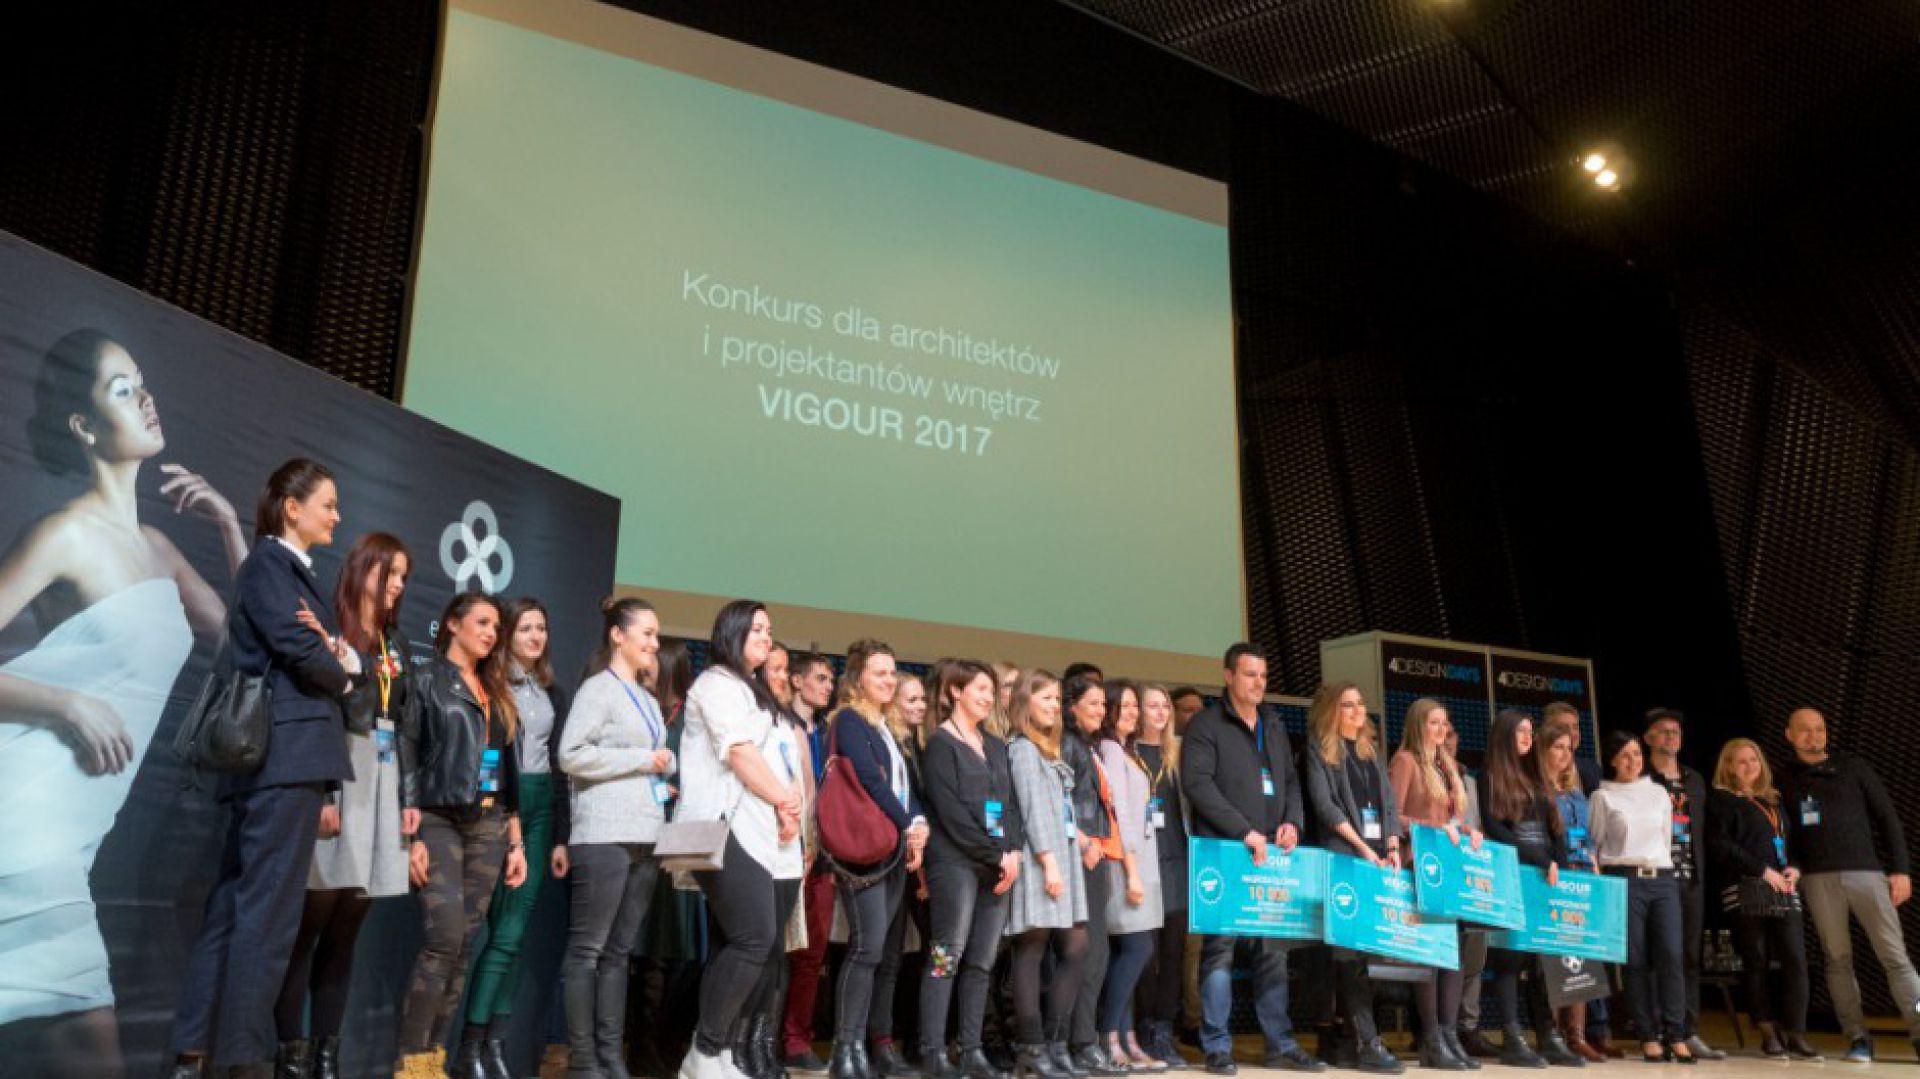 W konkursie wzięło udział 154 architektów i projektantów. Zgłoszono w sumie 203 prace w 2 kategoriach. Fot. PTWP